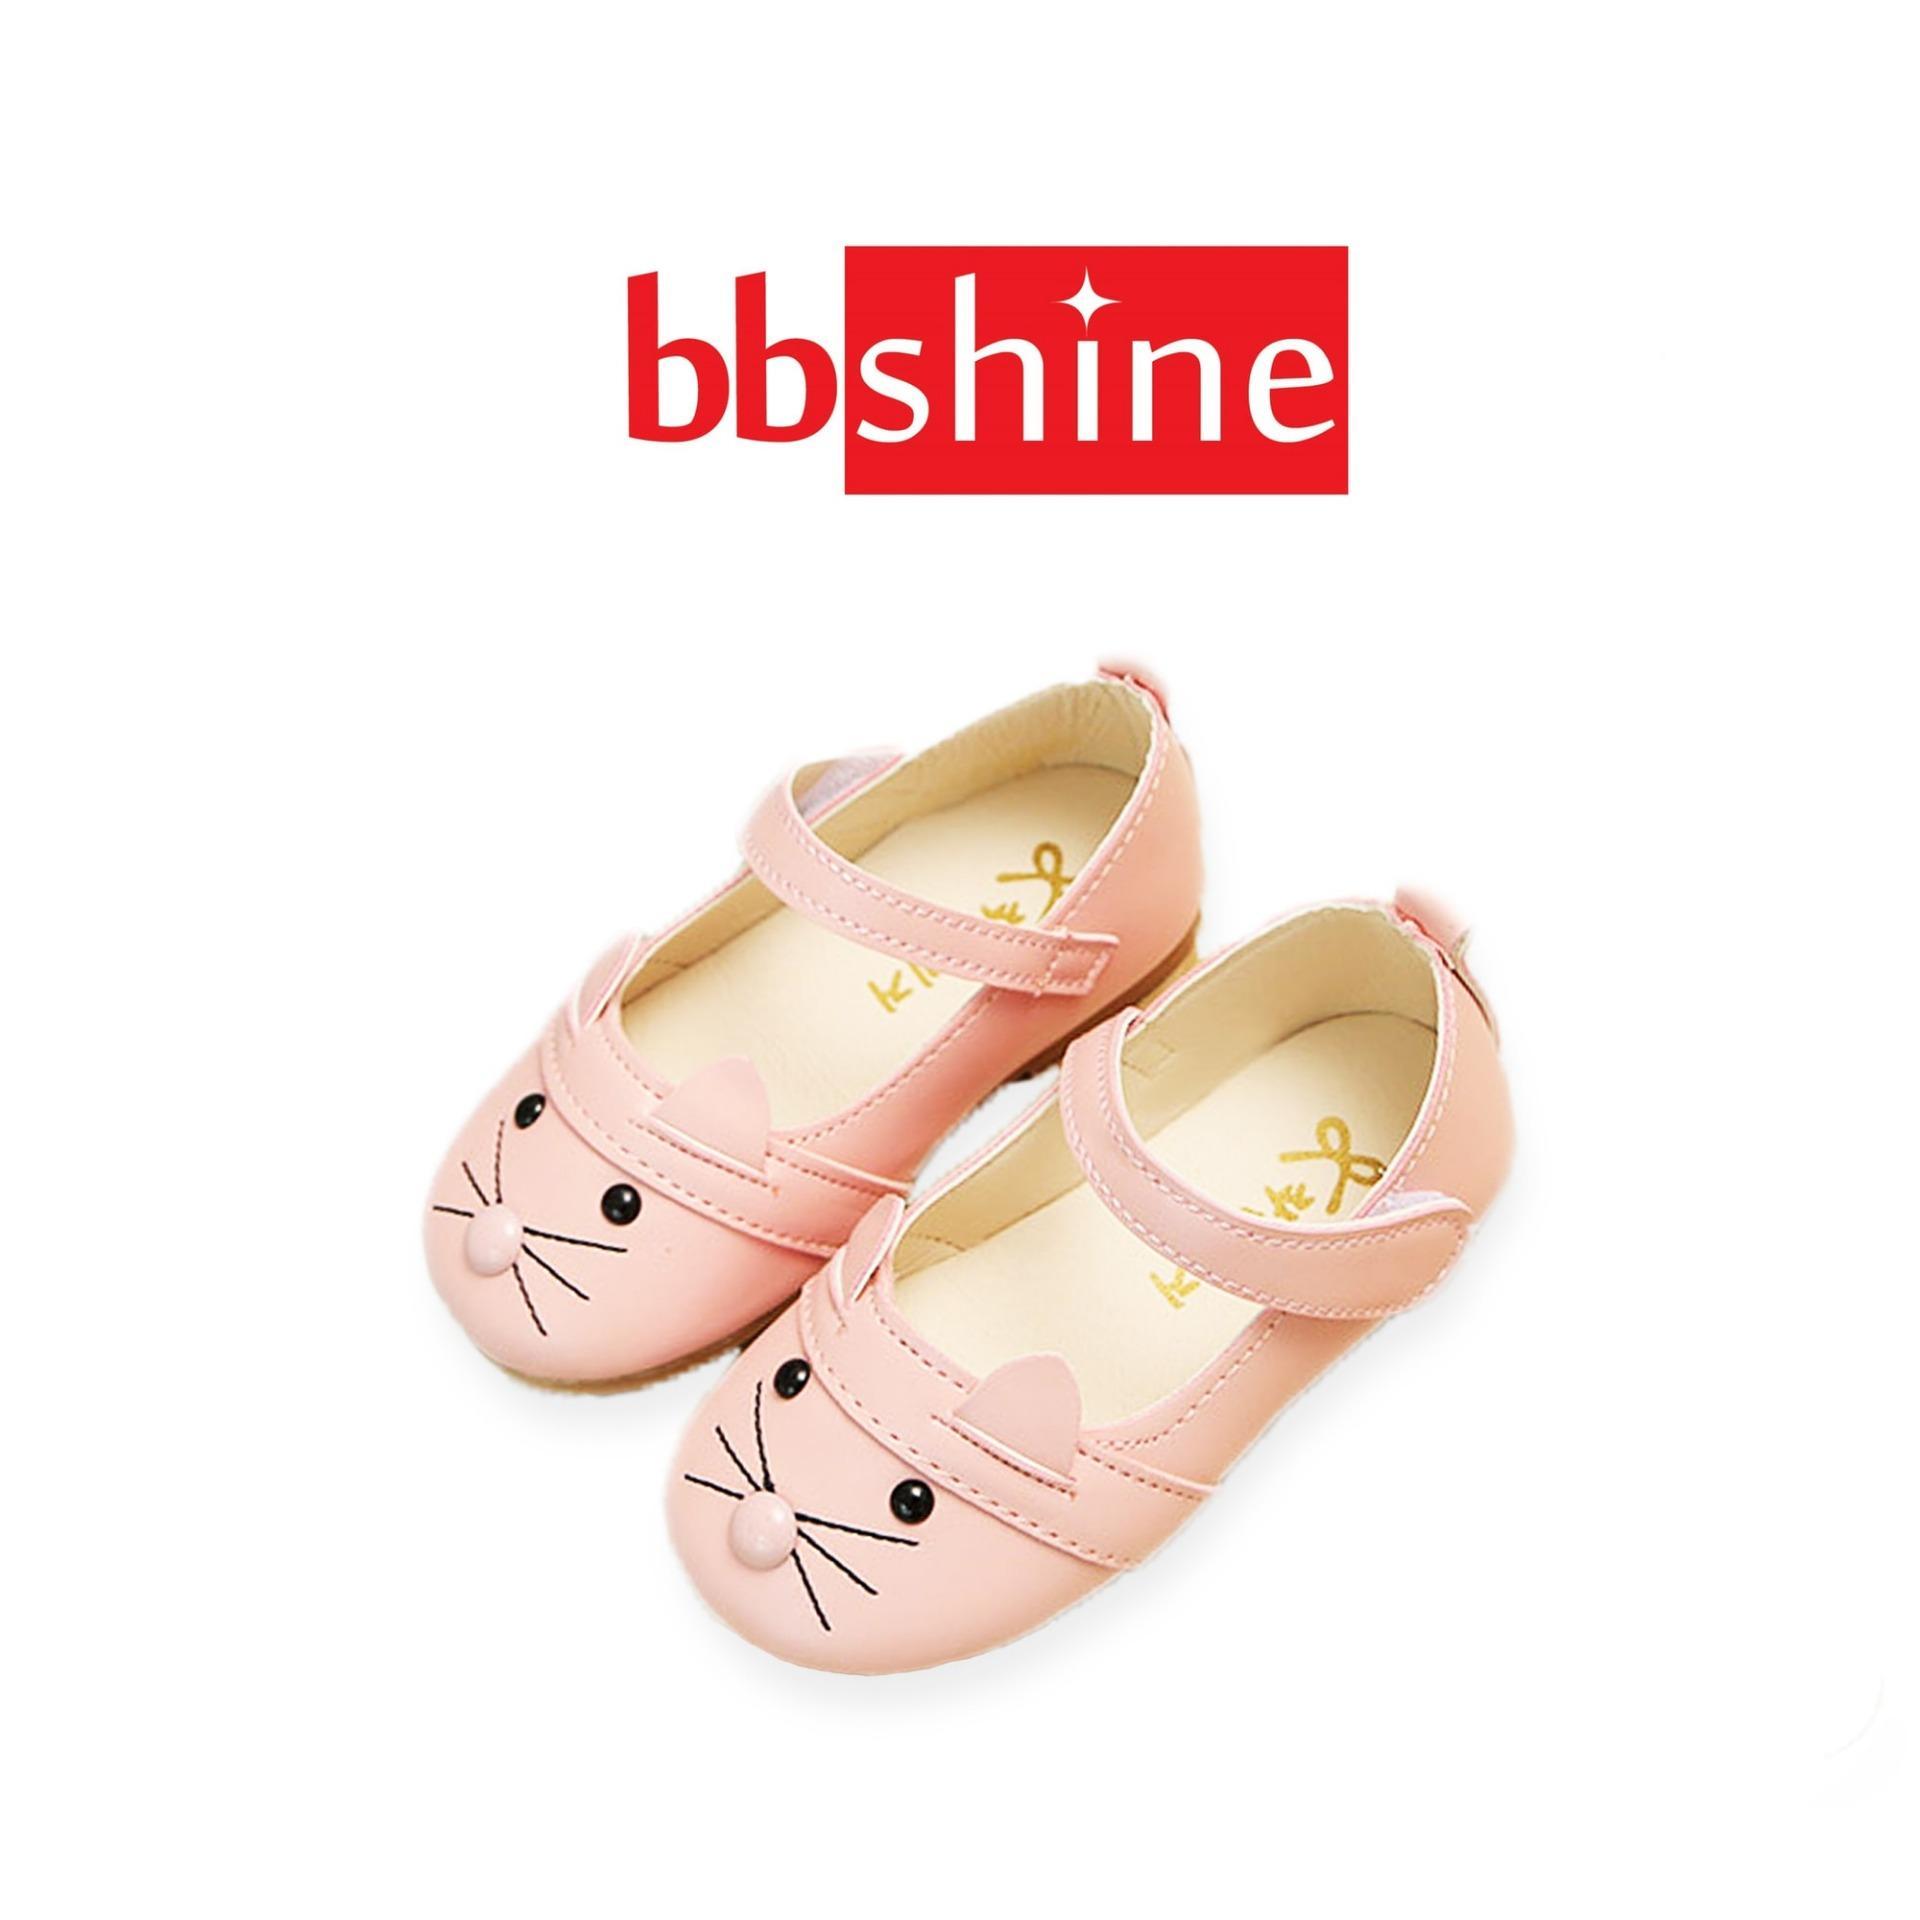 Giày cho bé gái 2 – 4 tuổi nhập khẩu Hàn Quốc họa tiết hình mèo đáng yêu – G13